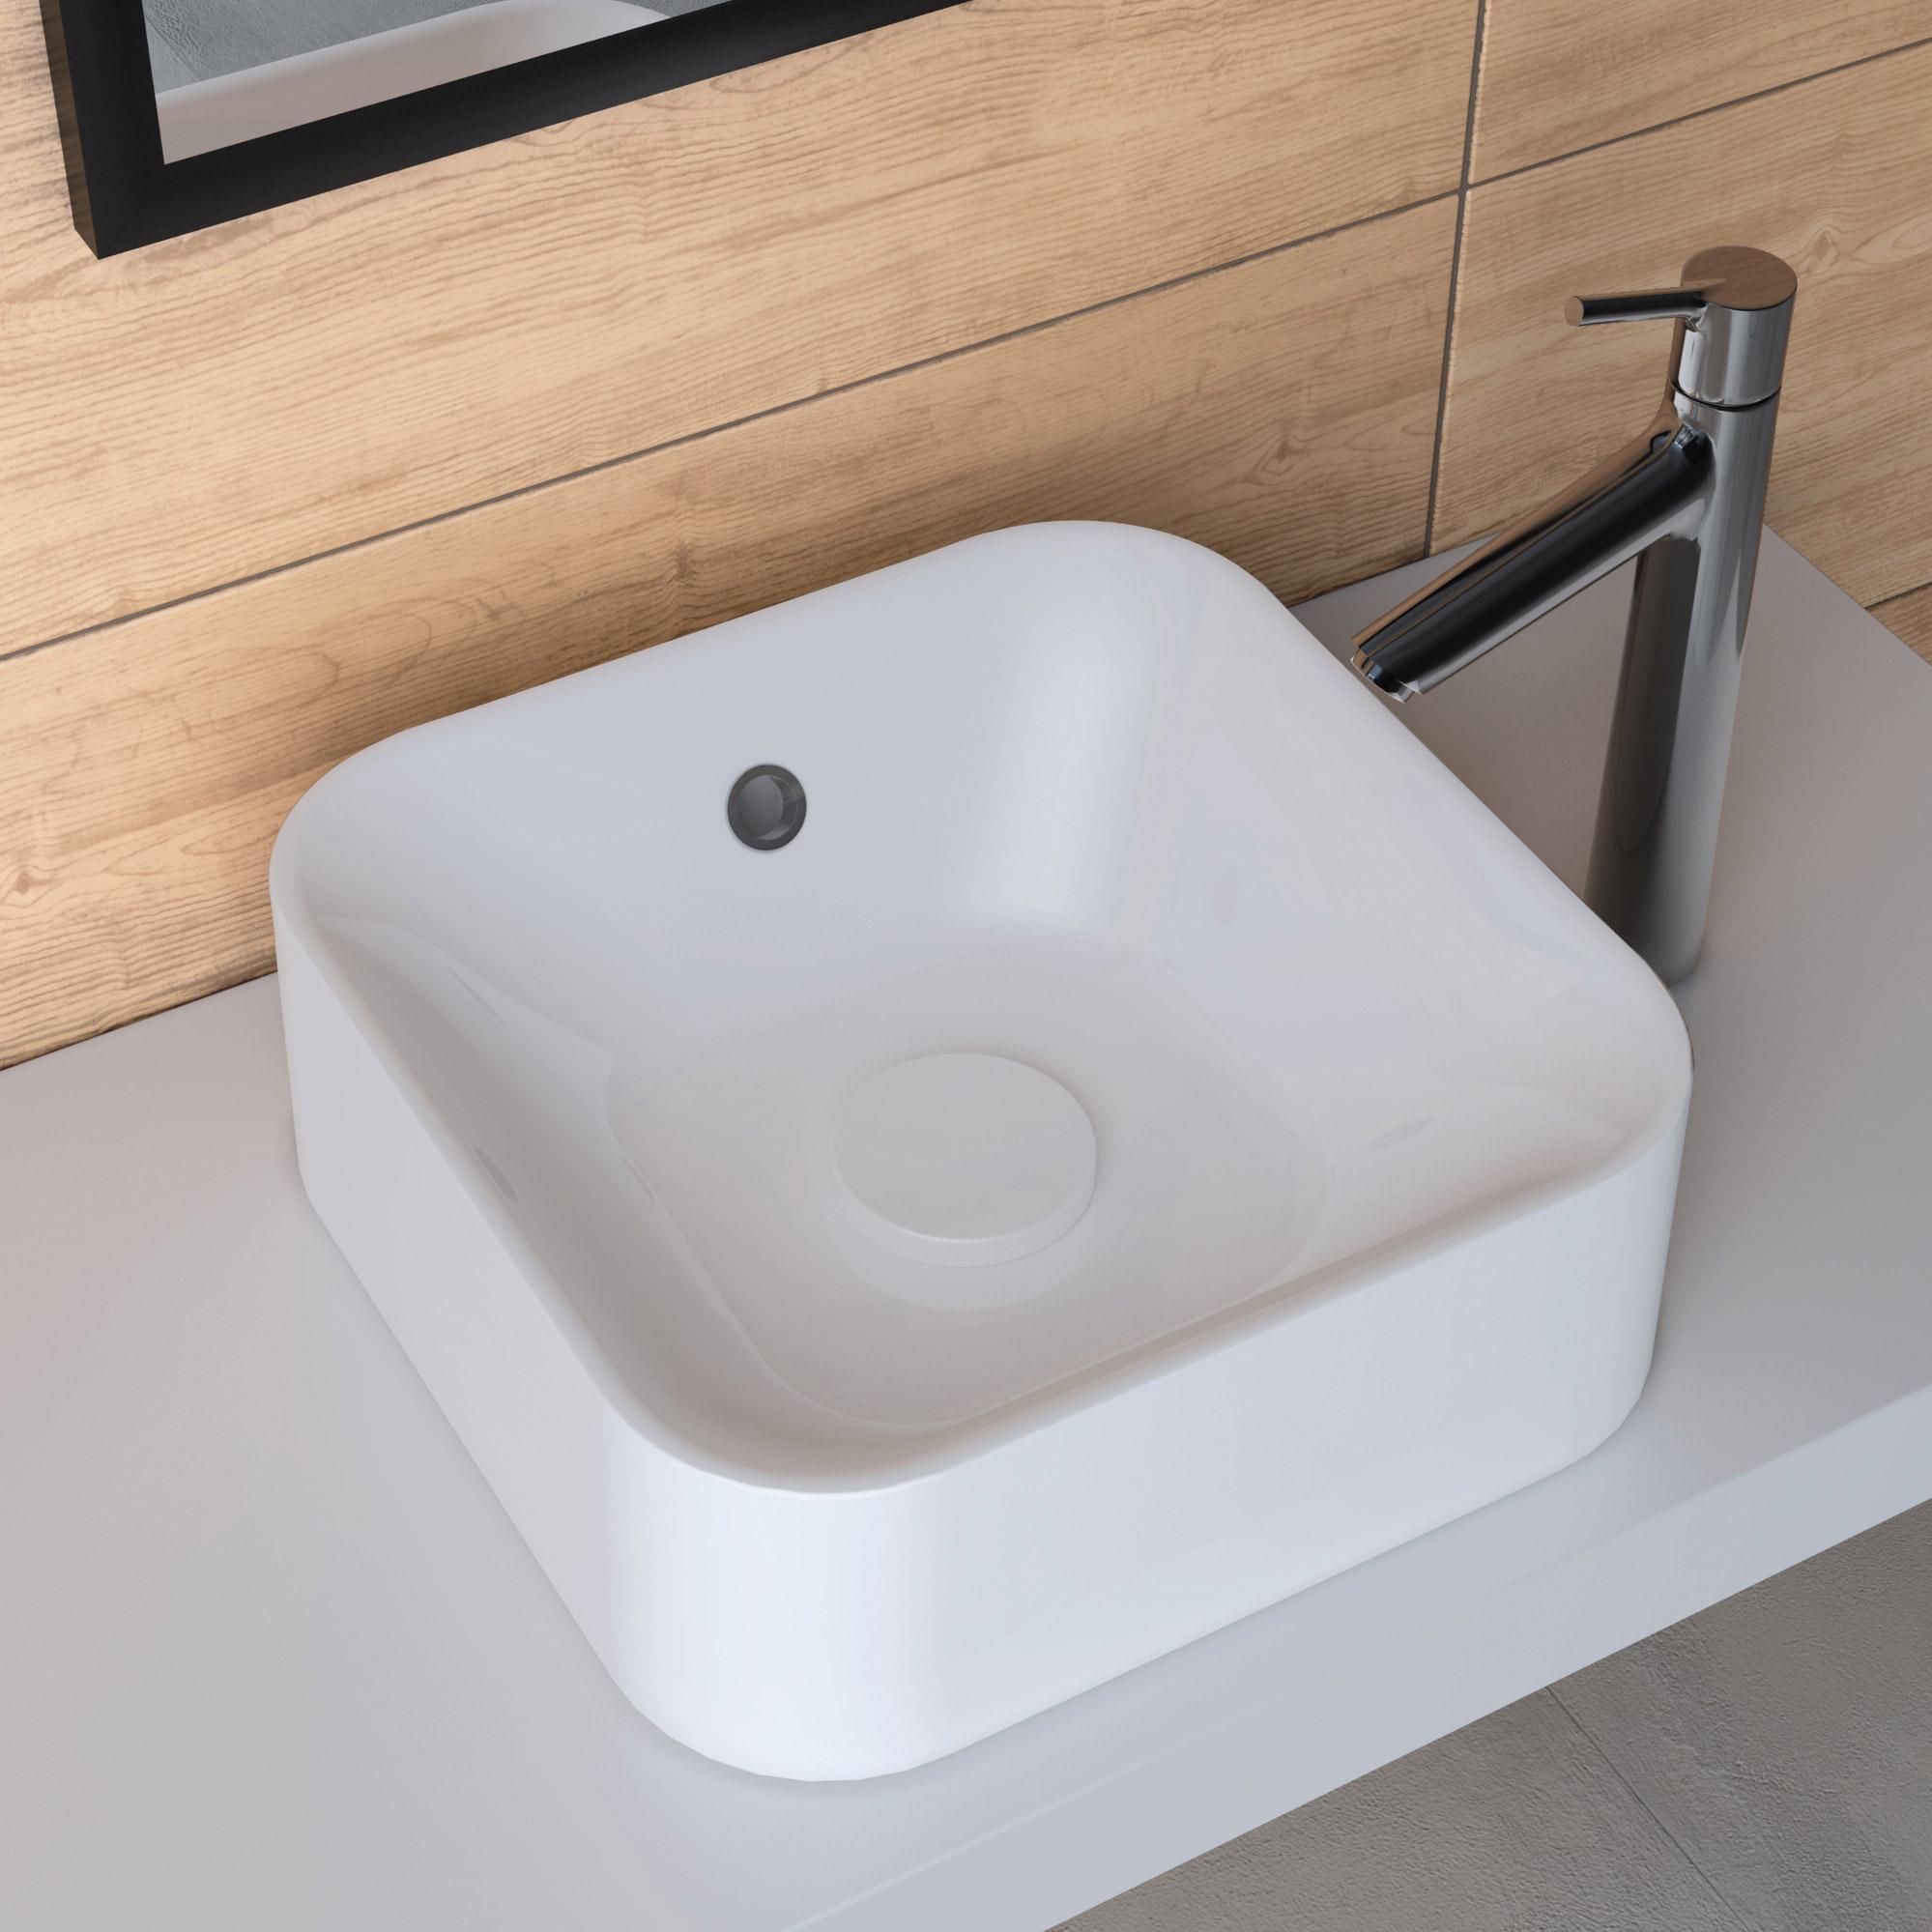 Comment Nettoyer Evier Resine Blanc vasque à poser carré résine l.38 x p.38 cm blanc capsule